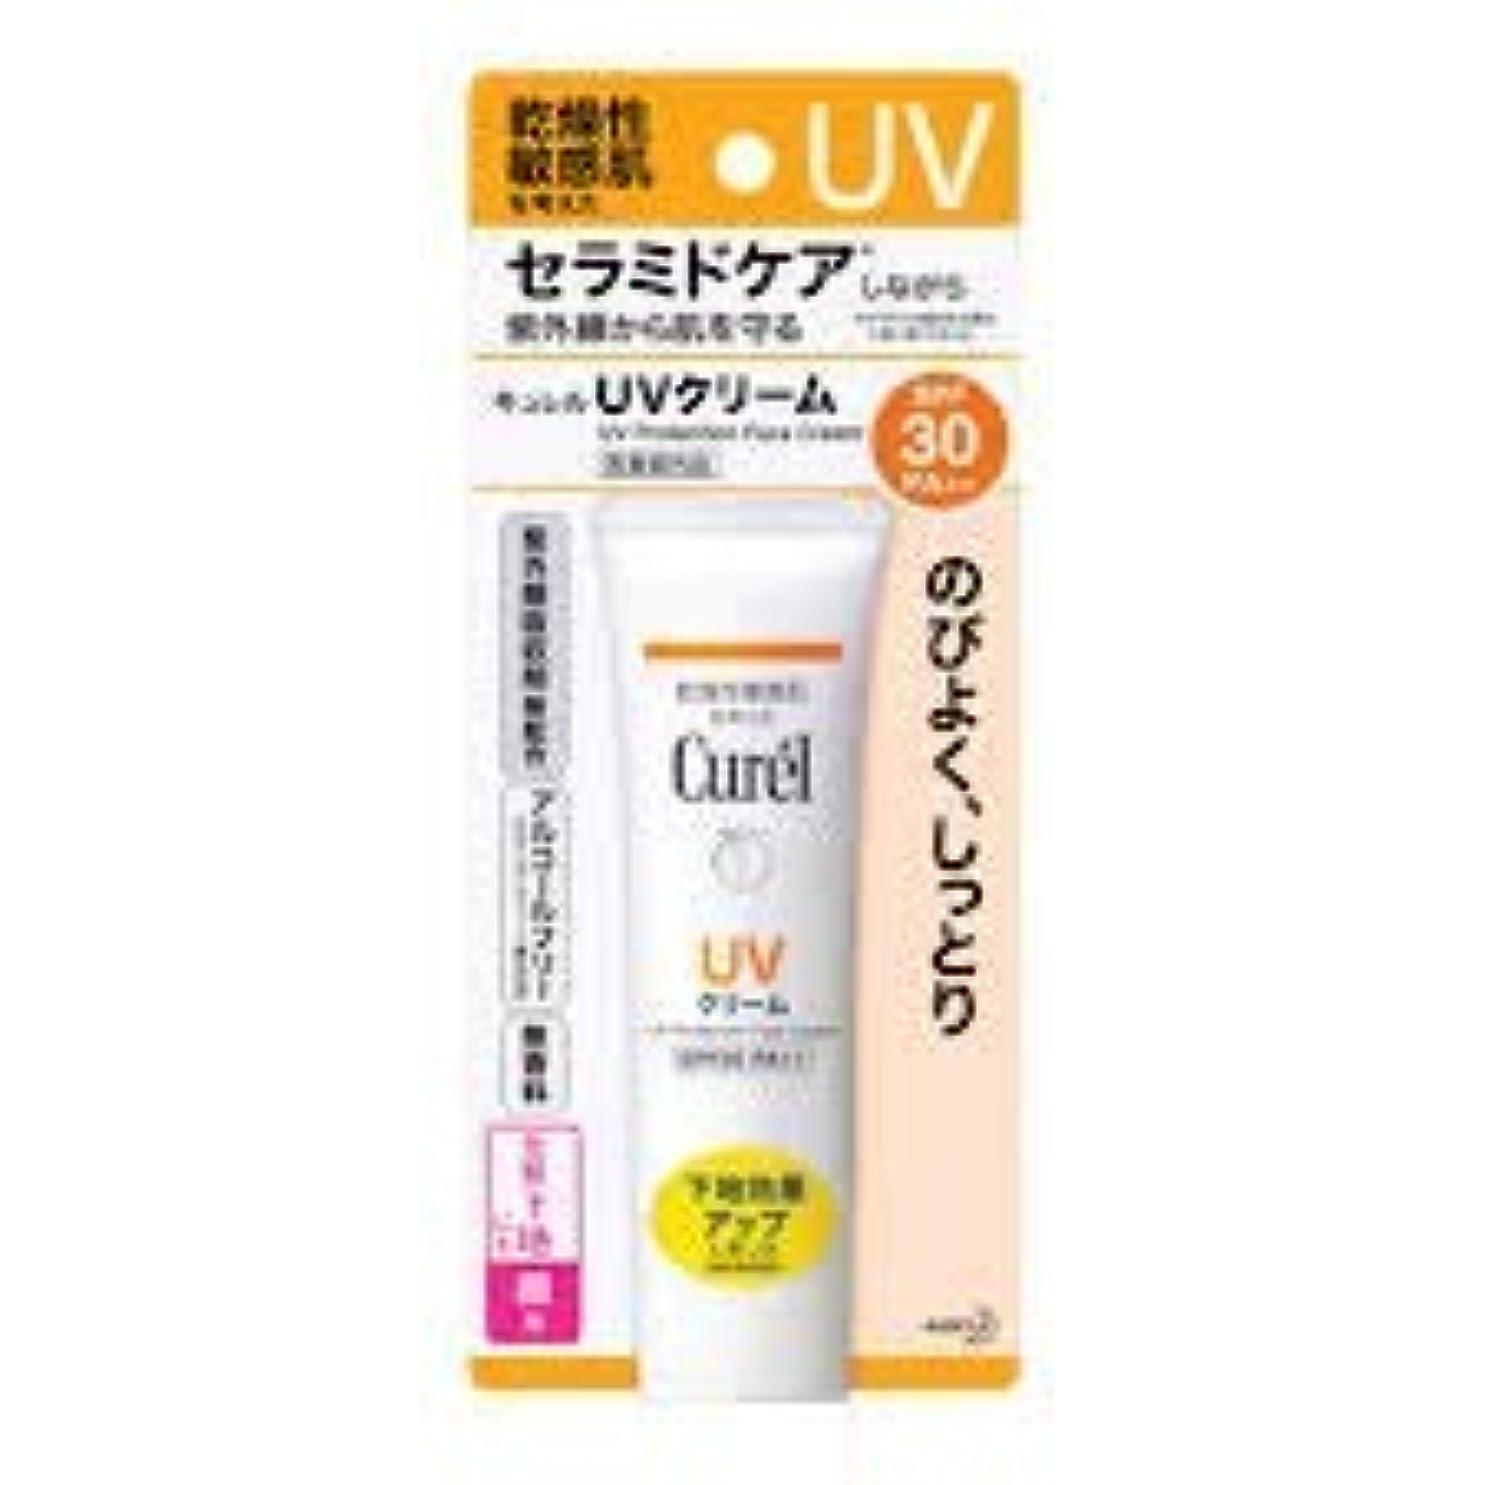 よろめくキャンドル捧げるCurél キュレル uv プロテクションフェイスクリーム spf30 50g-紫外線から肌を守る